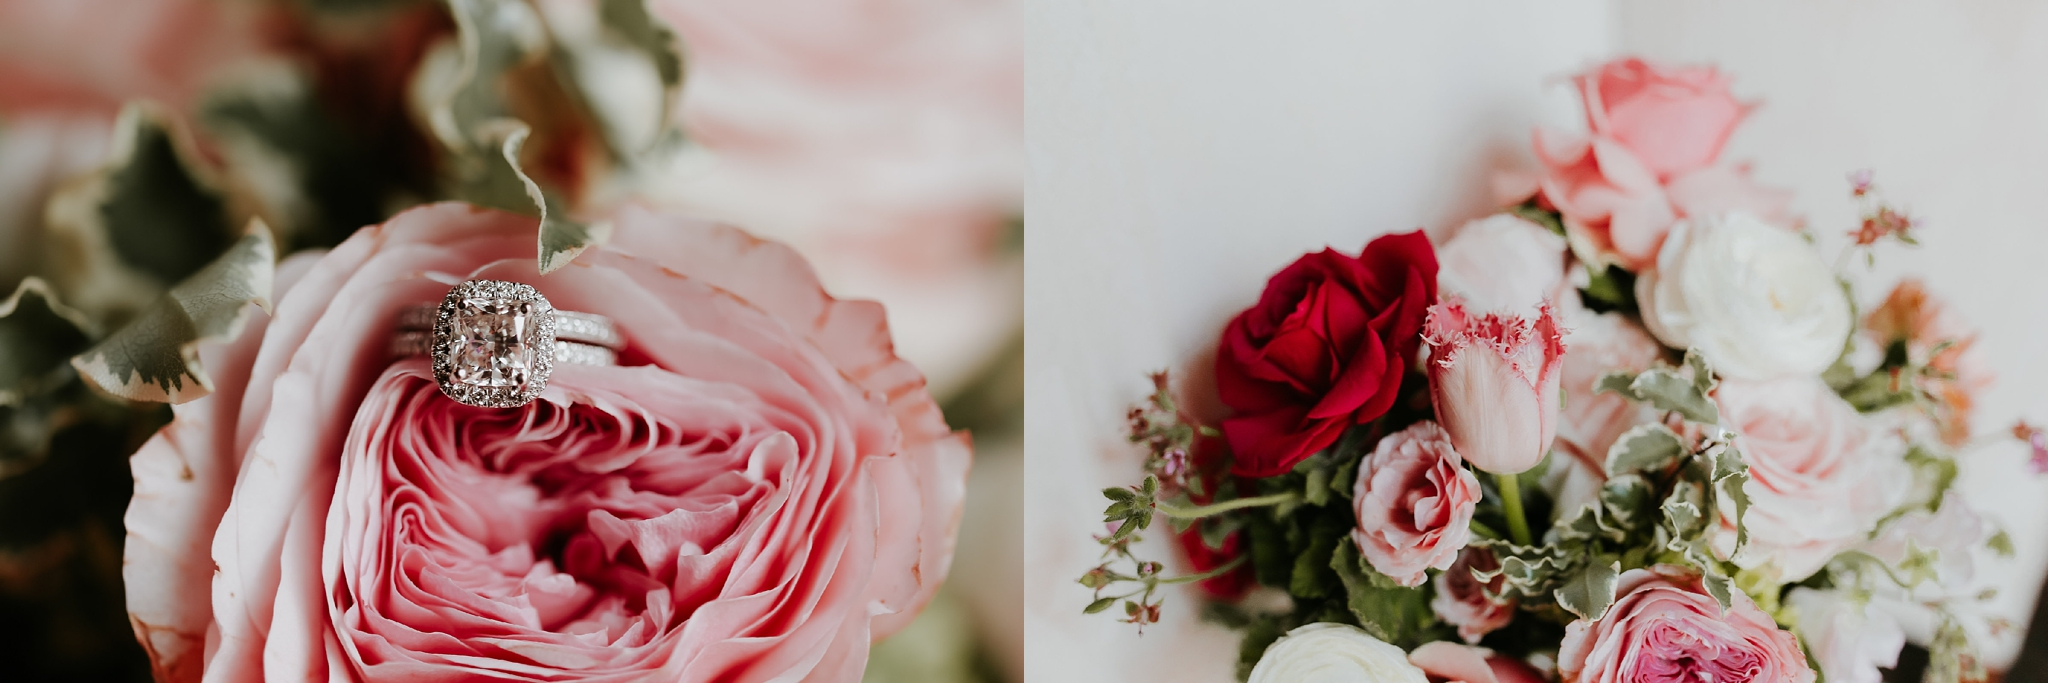 Alicia+lucia+photography+-+albuquerque+wedding+photographer+-+santa+fe+wedding+photography+-+new+mexico+wedding+photographer+-+new+mexico+florist+-+wedding+florist+-+renegade+floral_0052.jpg